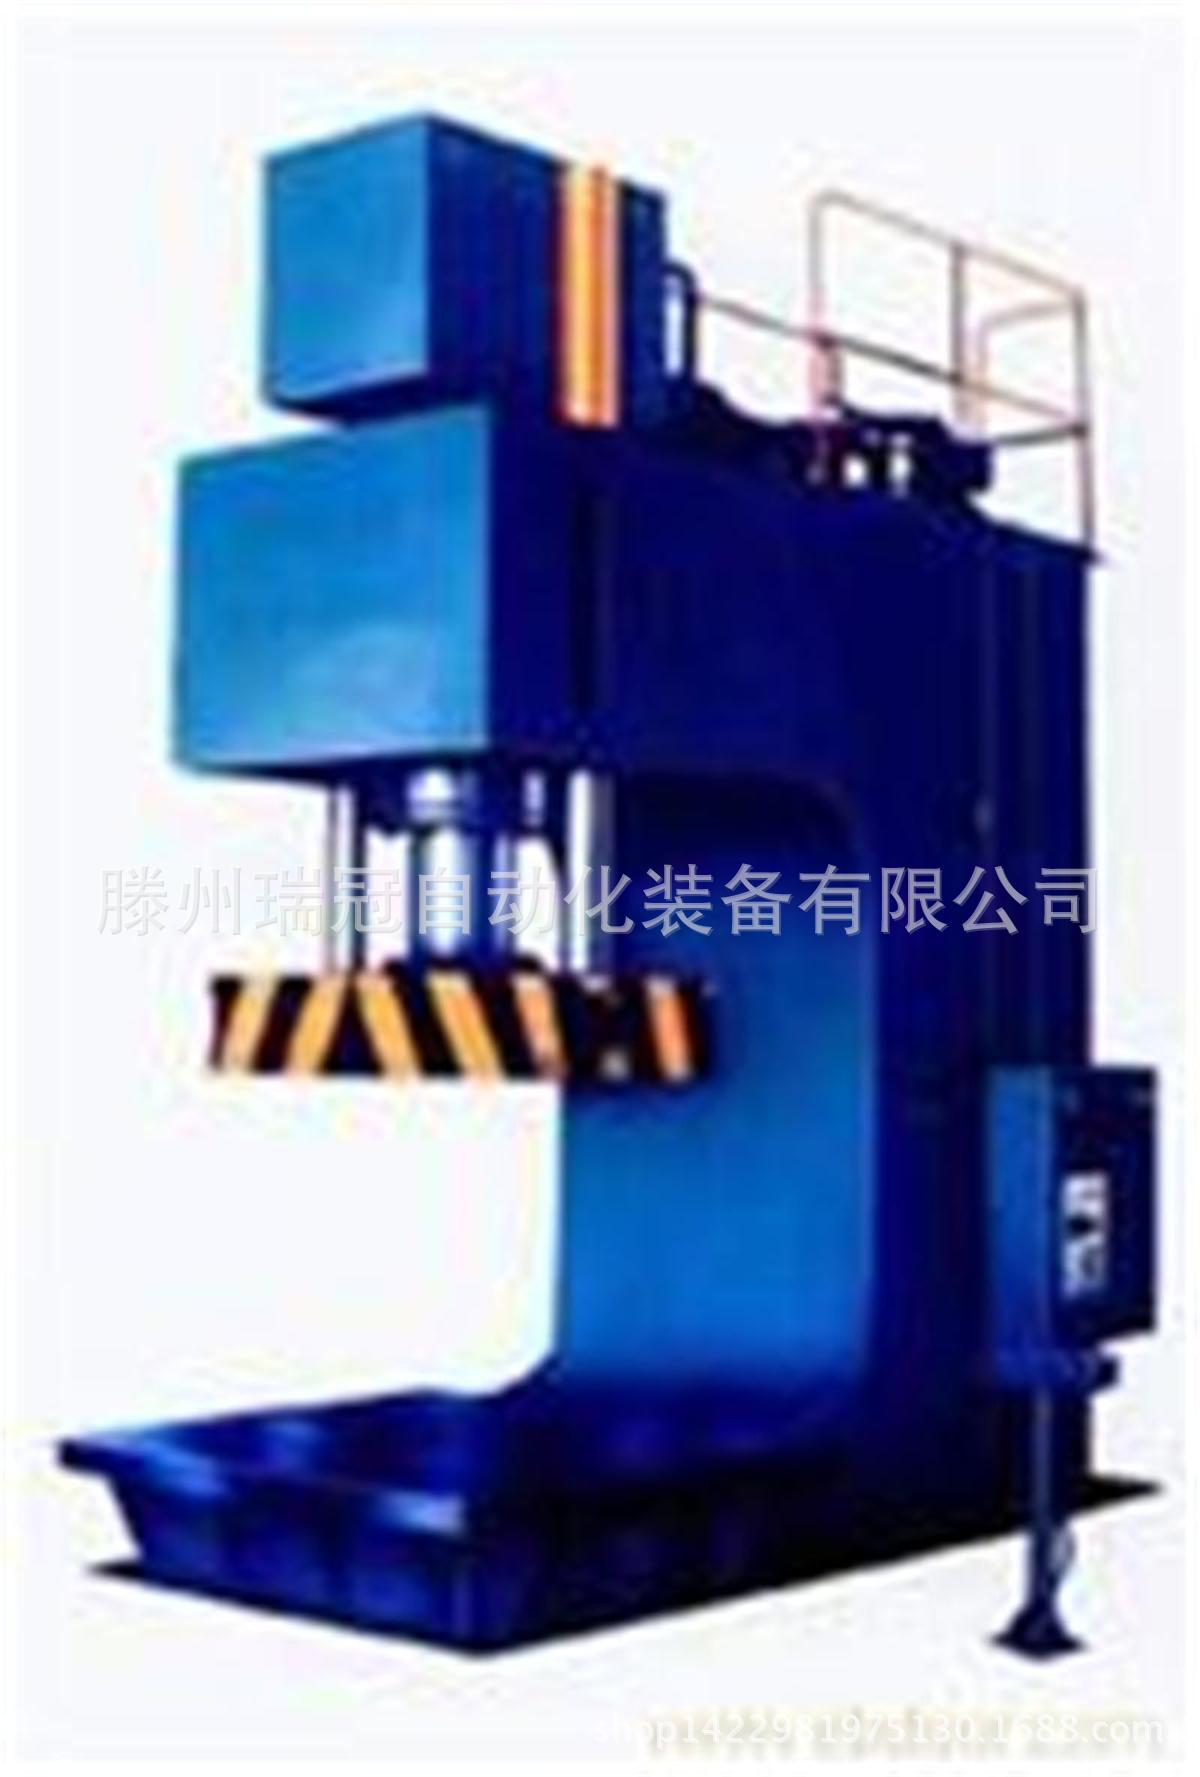 厂家供应 40吨c形油压机30t单臂式液压机 单柱c形液压机